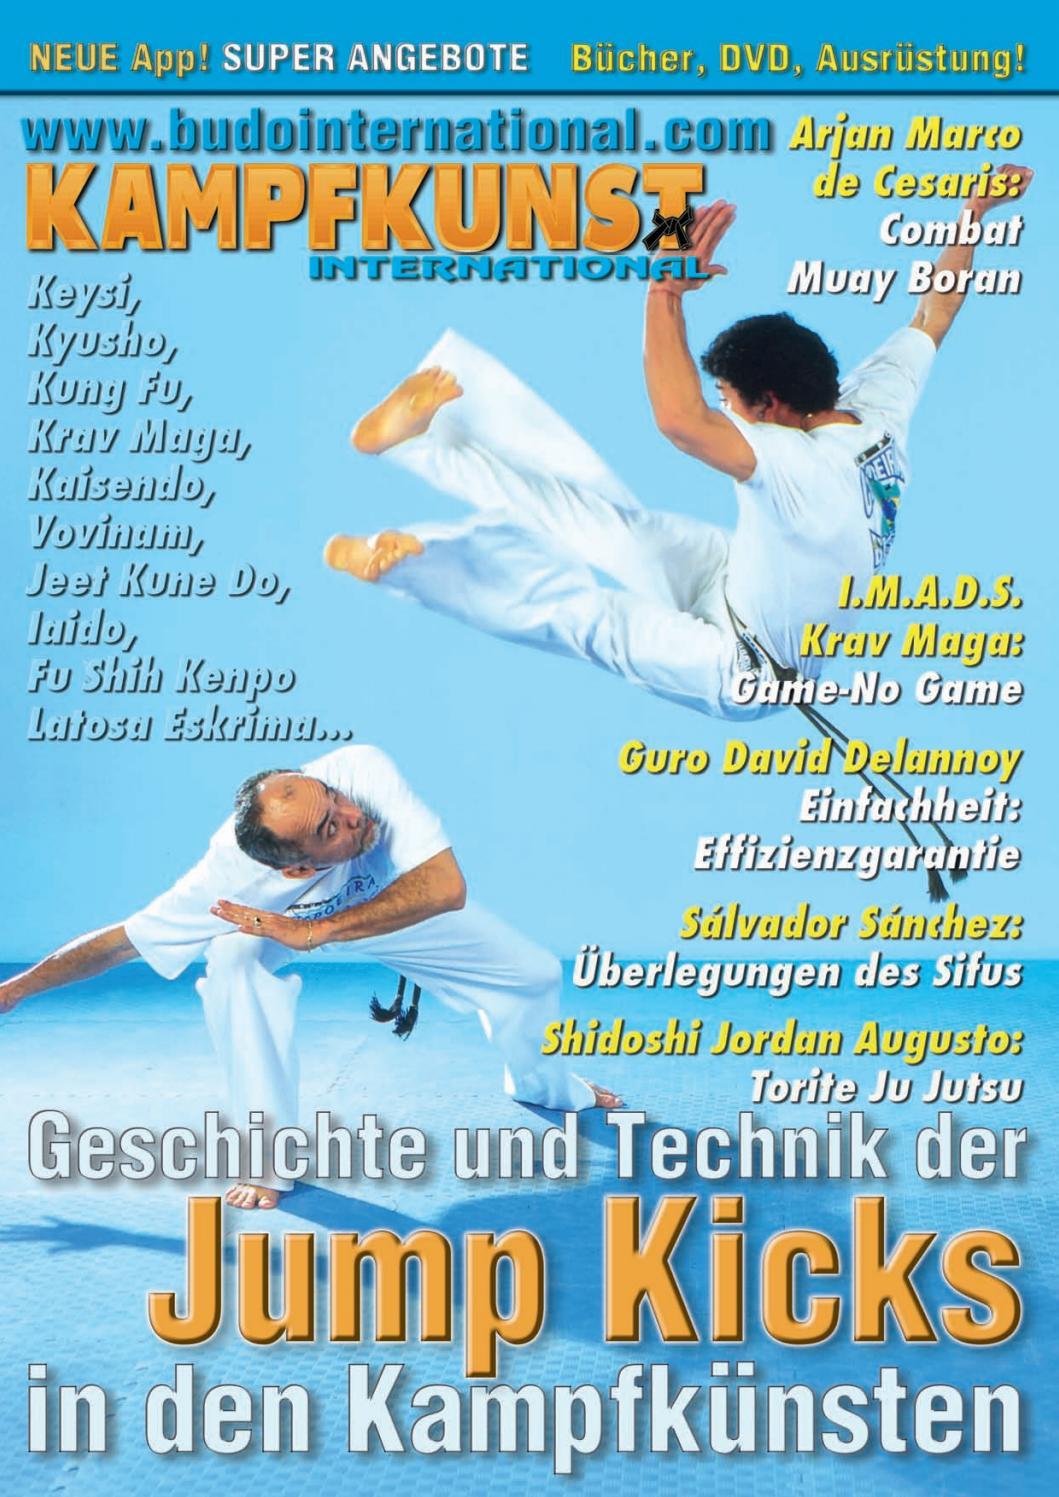 Kung Fu wird verwendet, um Gewicht zu verlieren